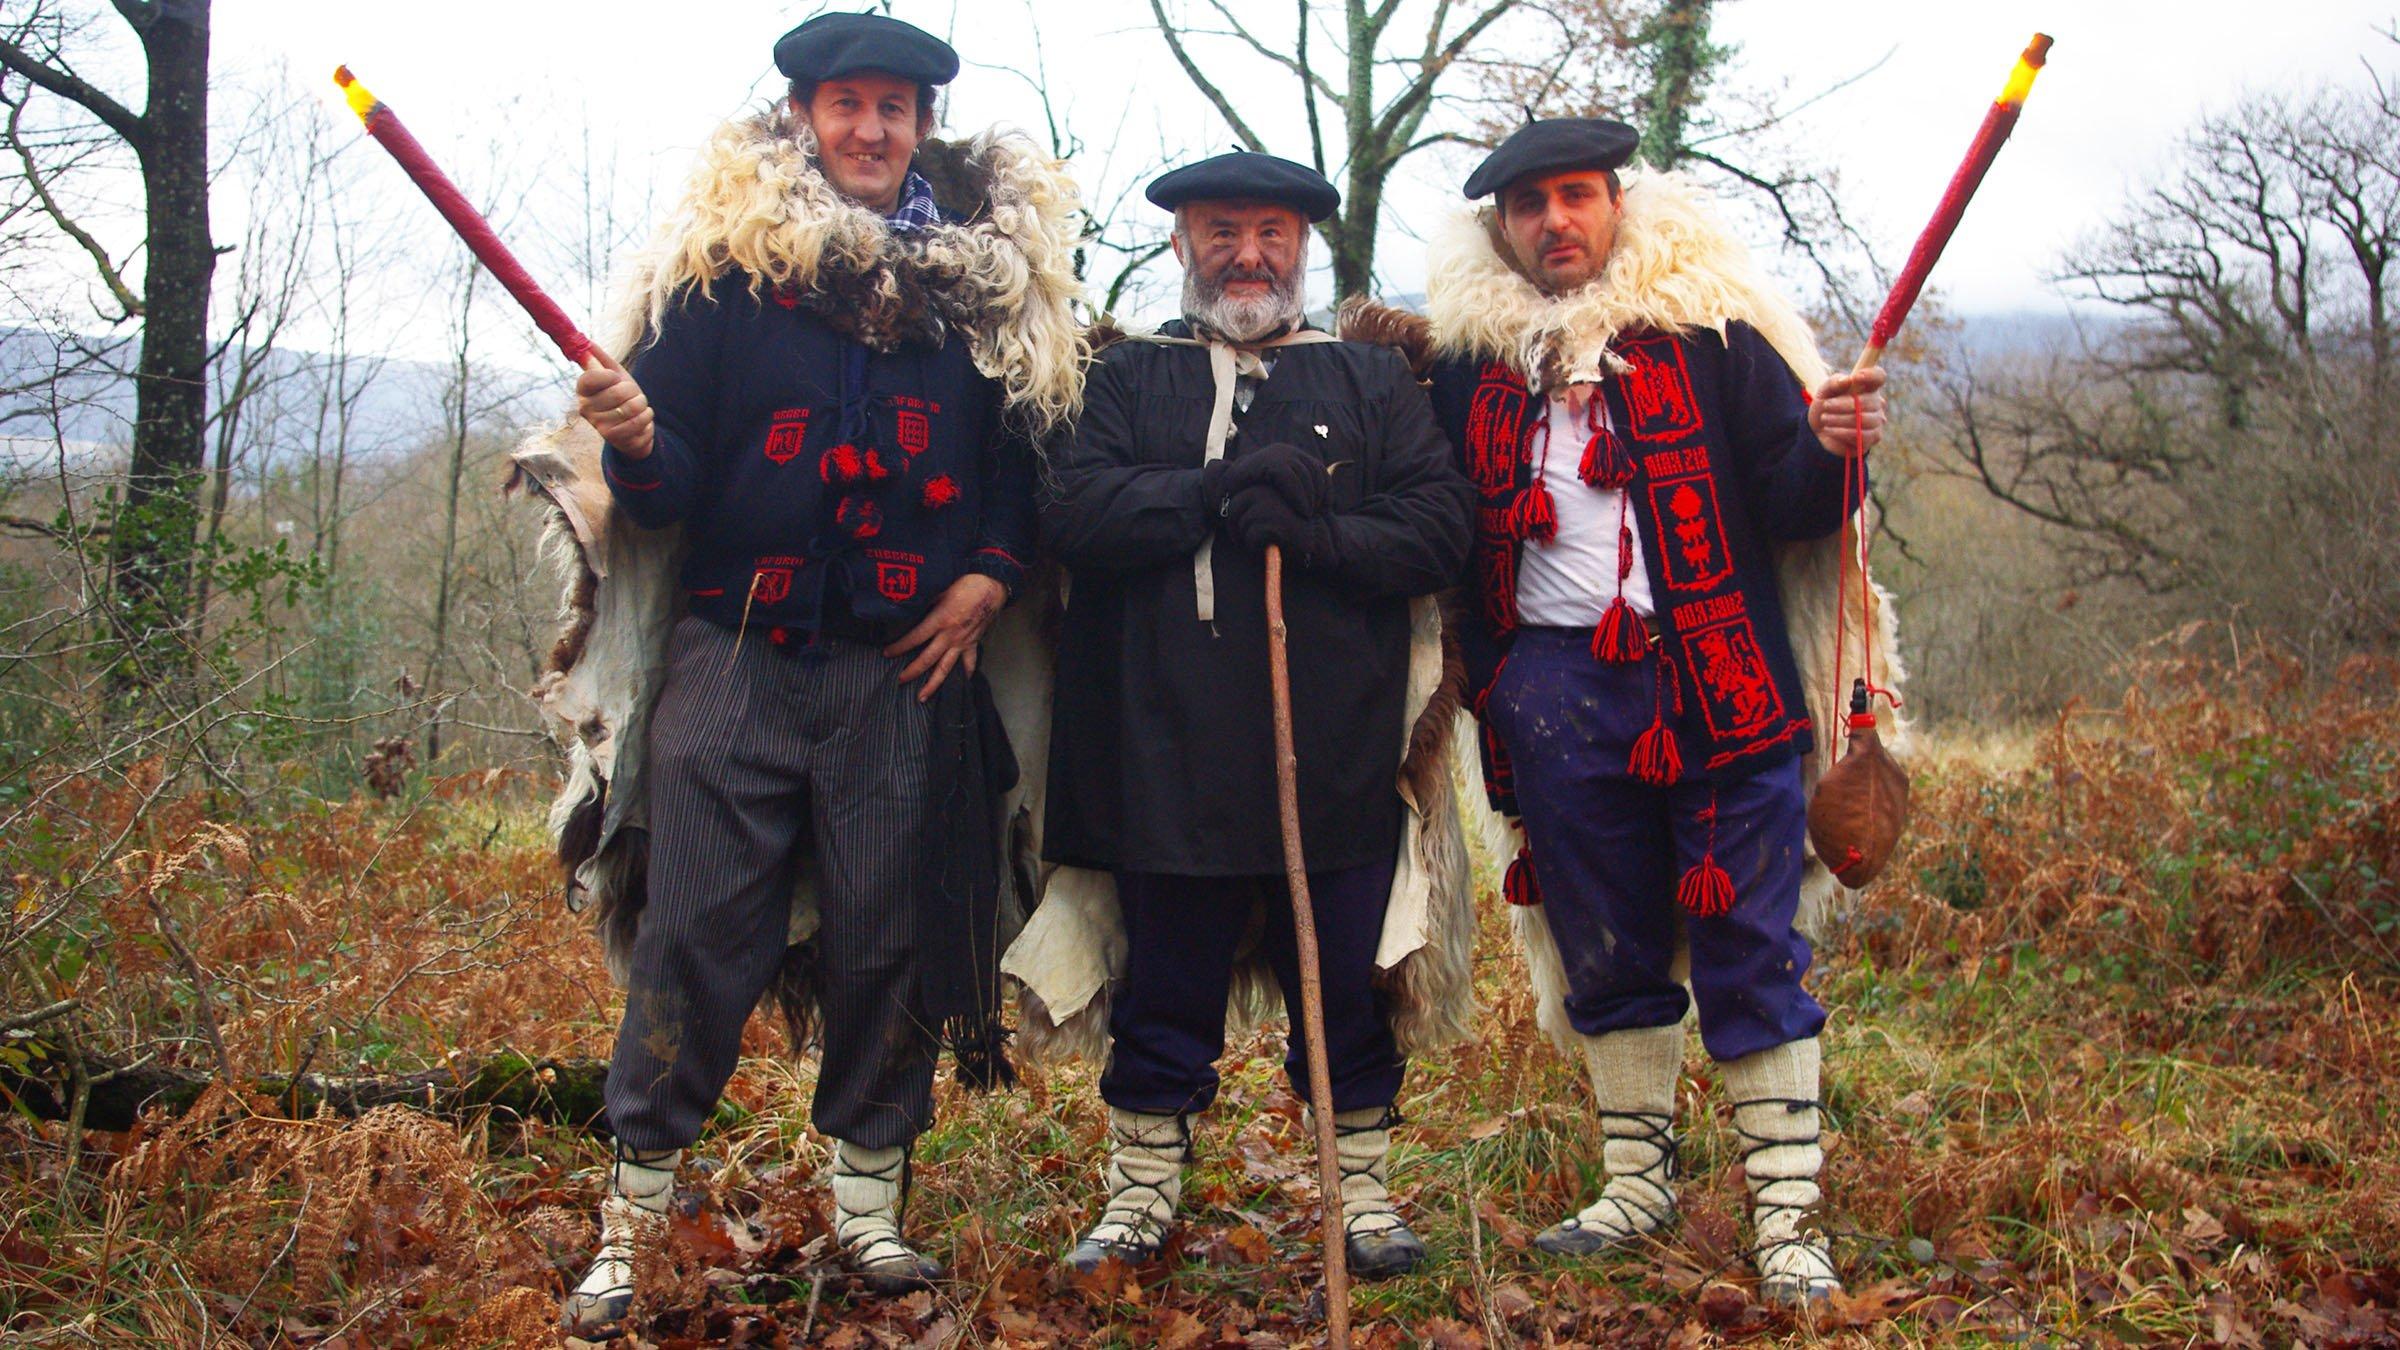 Olentzero el pap noel vasco con sus dos pajes - Costumbres navidenas en alemania ...